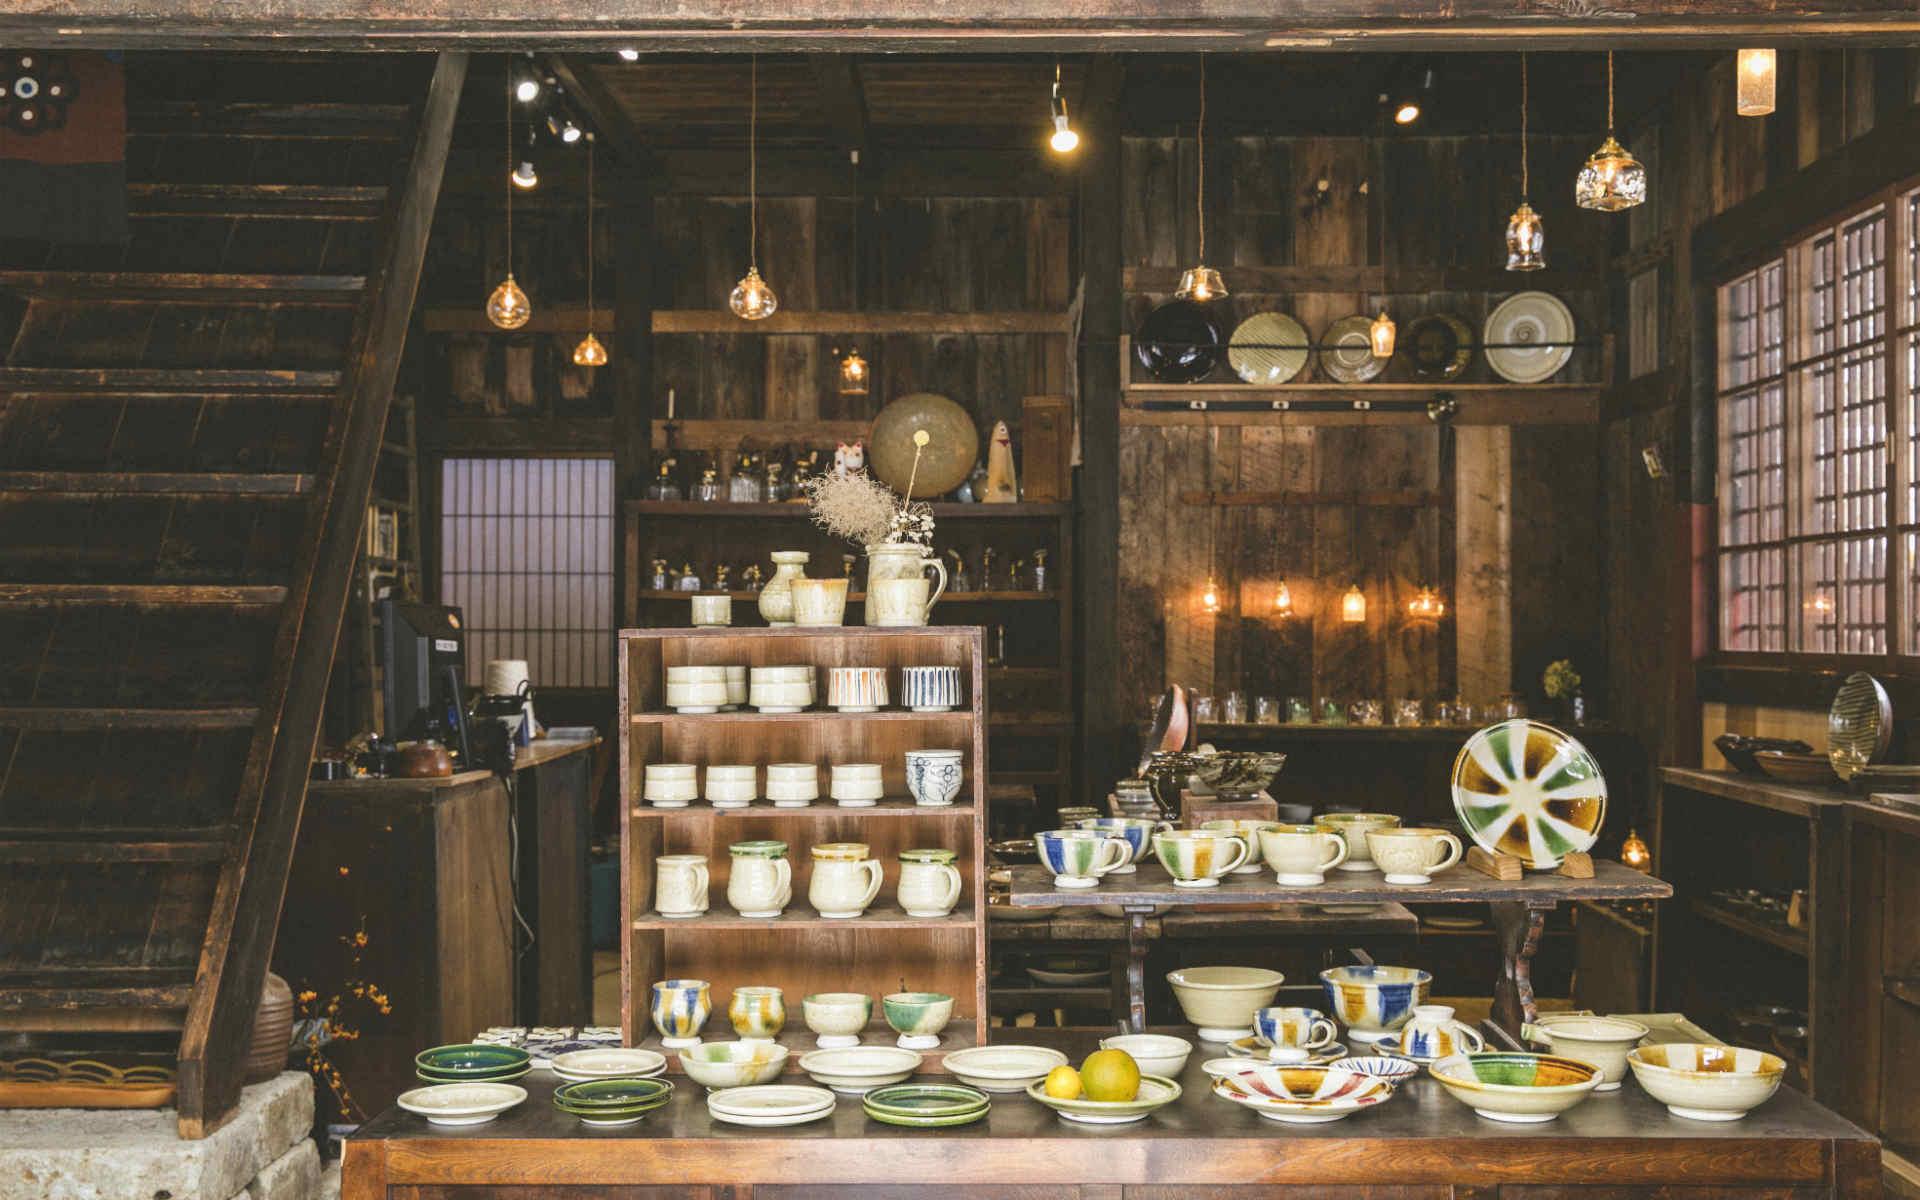 飛騨高山の道具店「やわい屋」